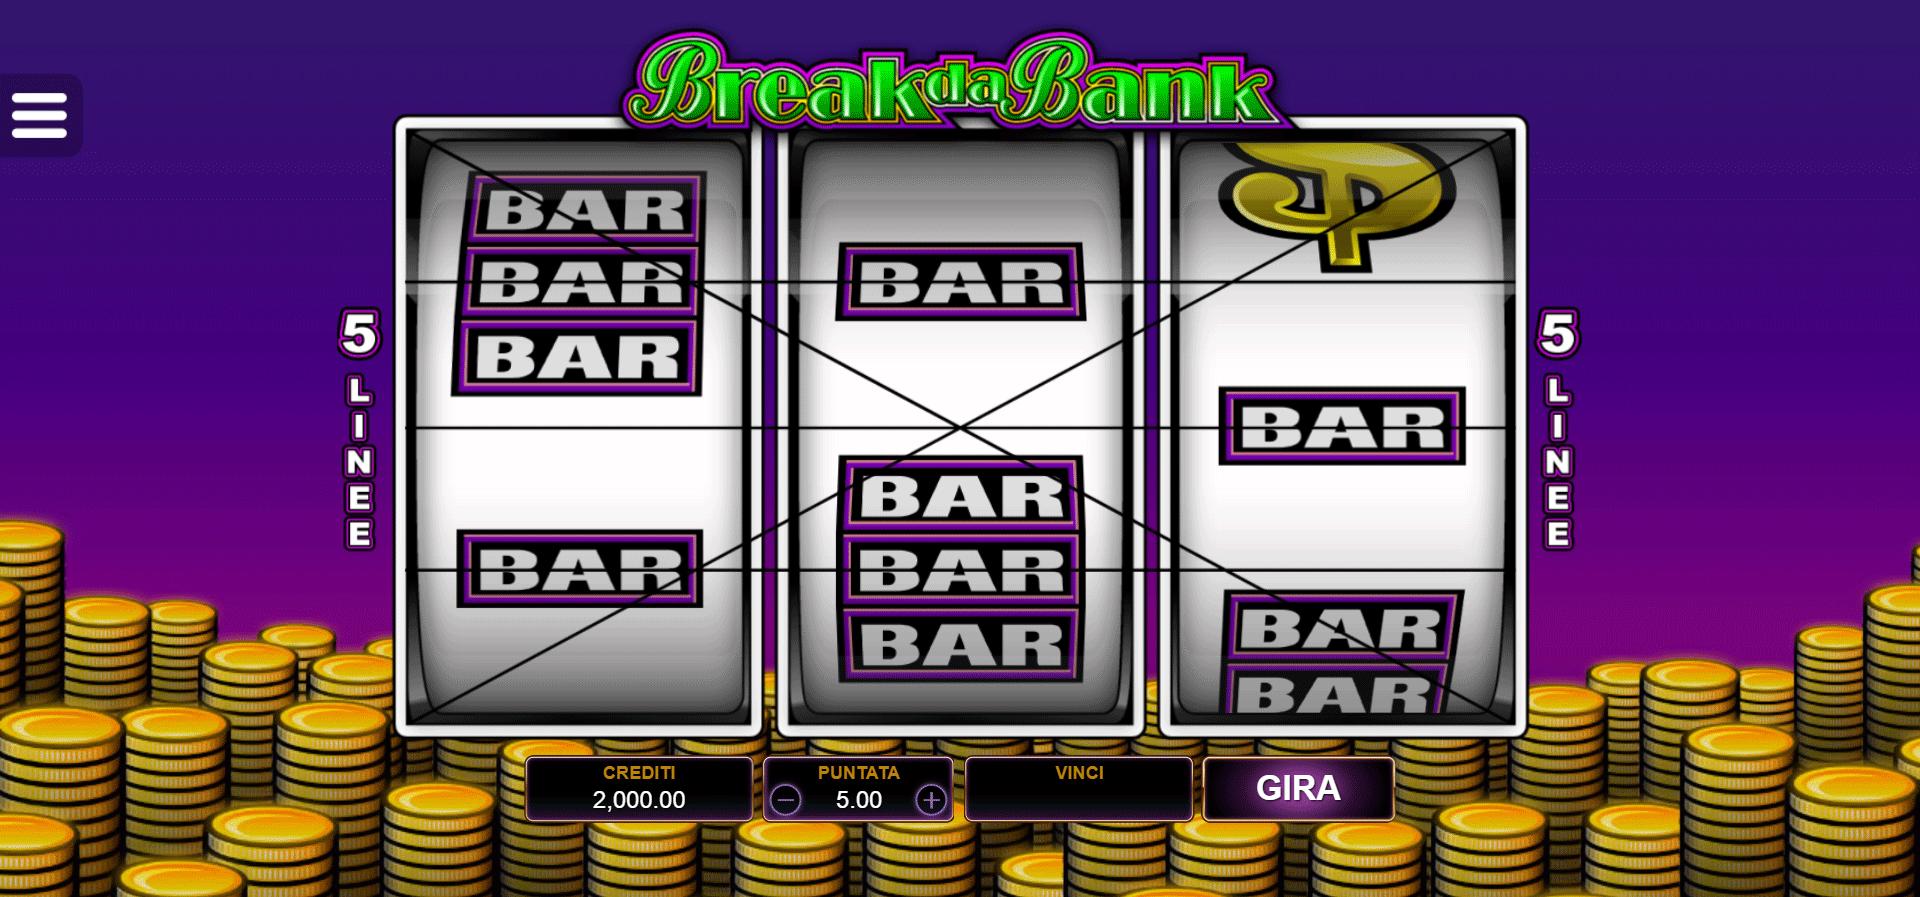 Slot Break da Bank